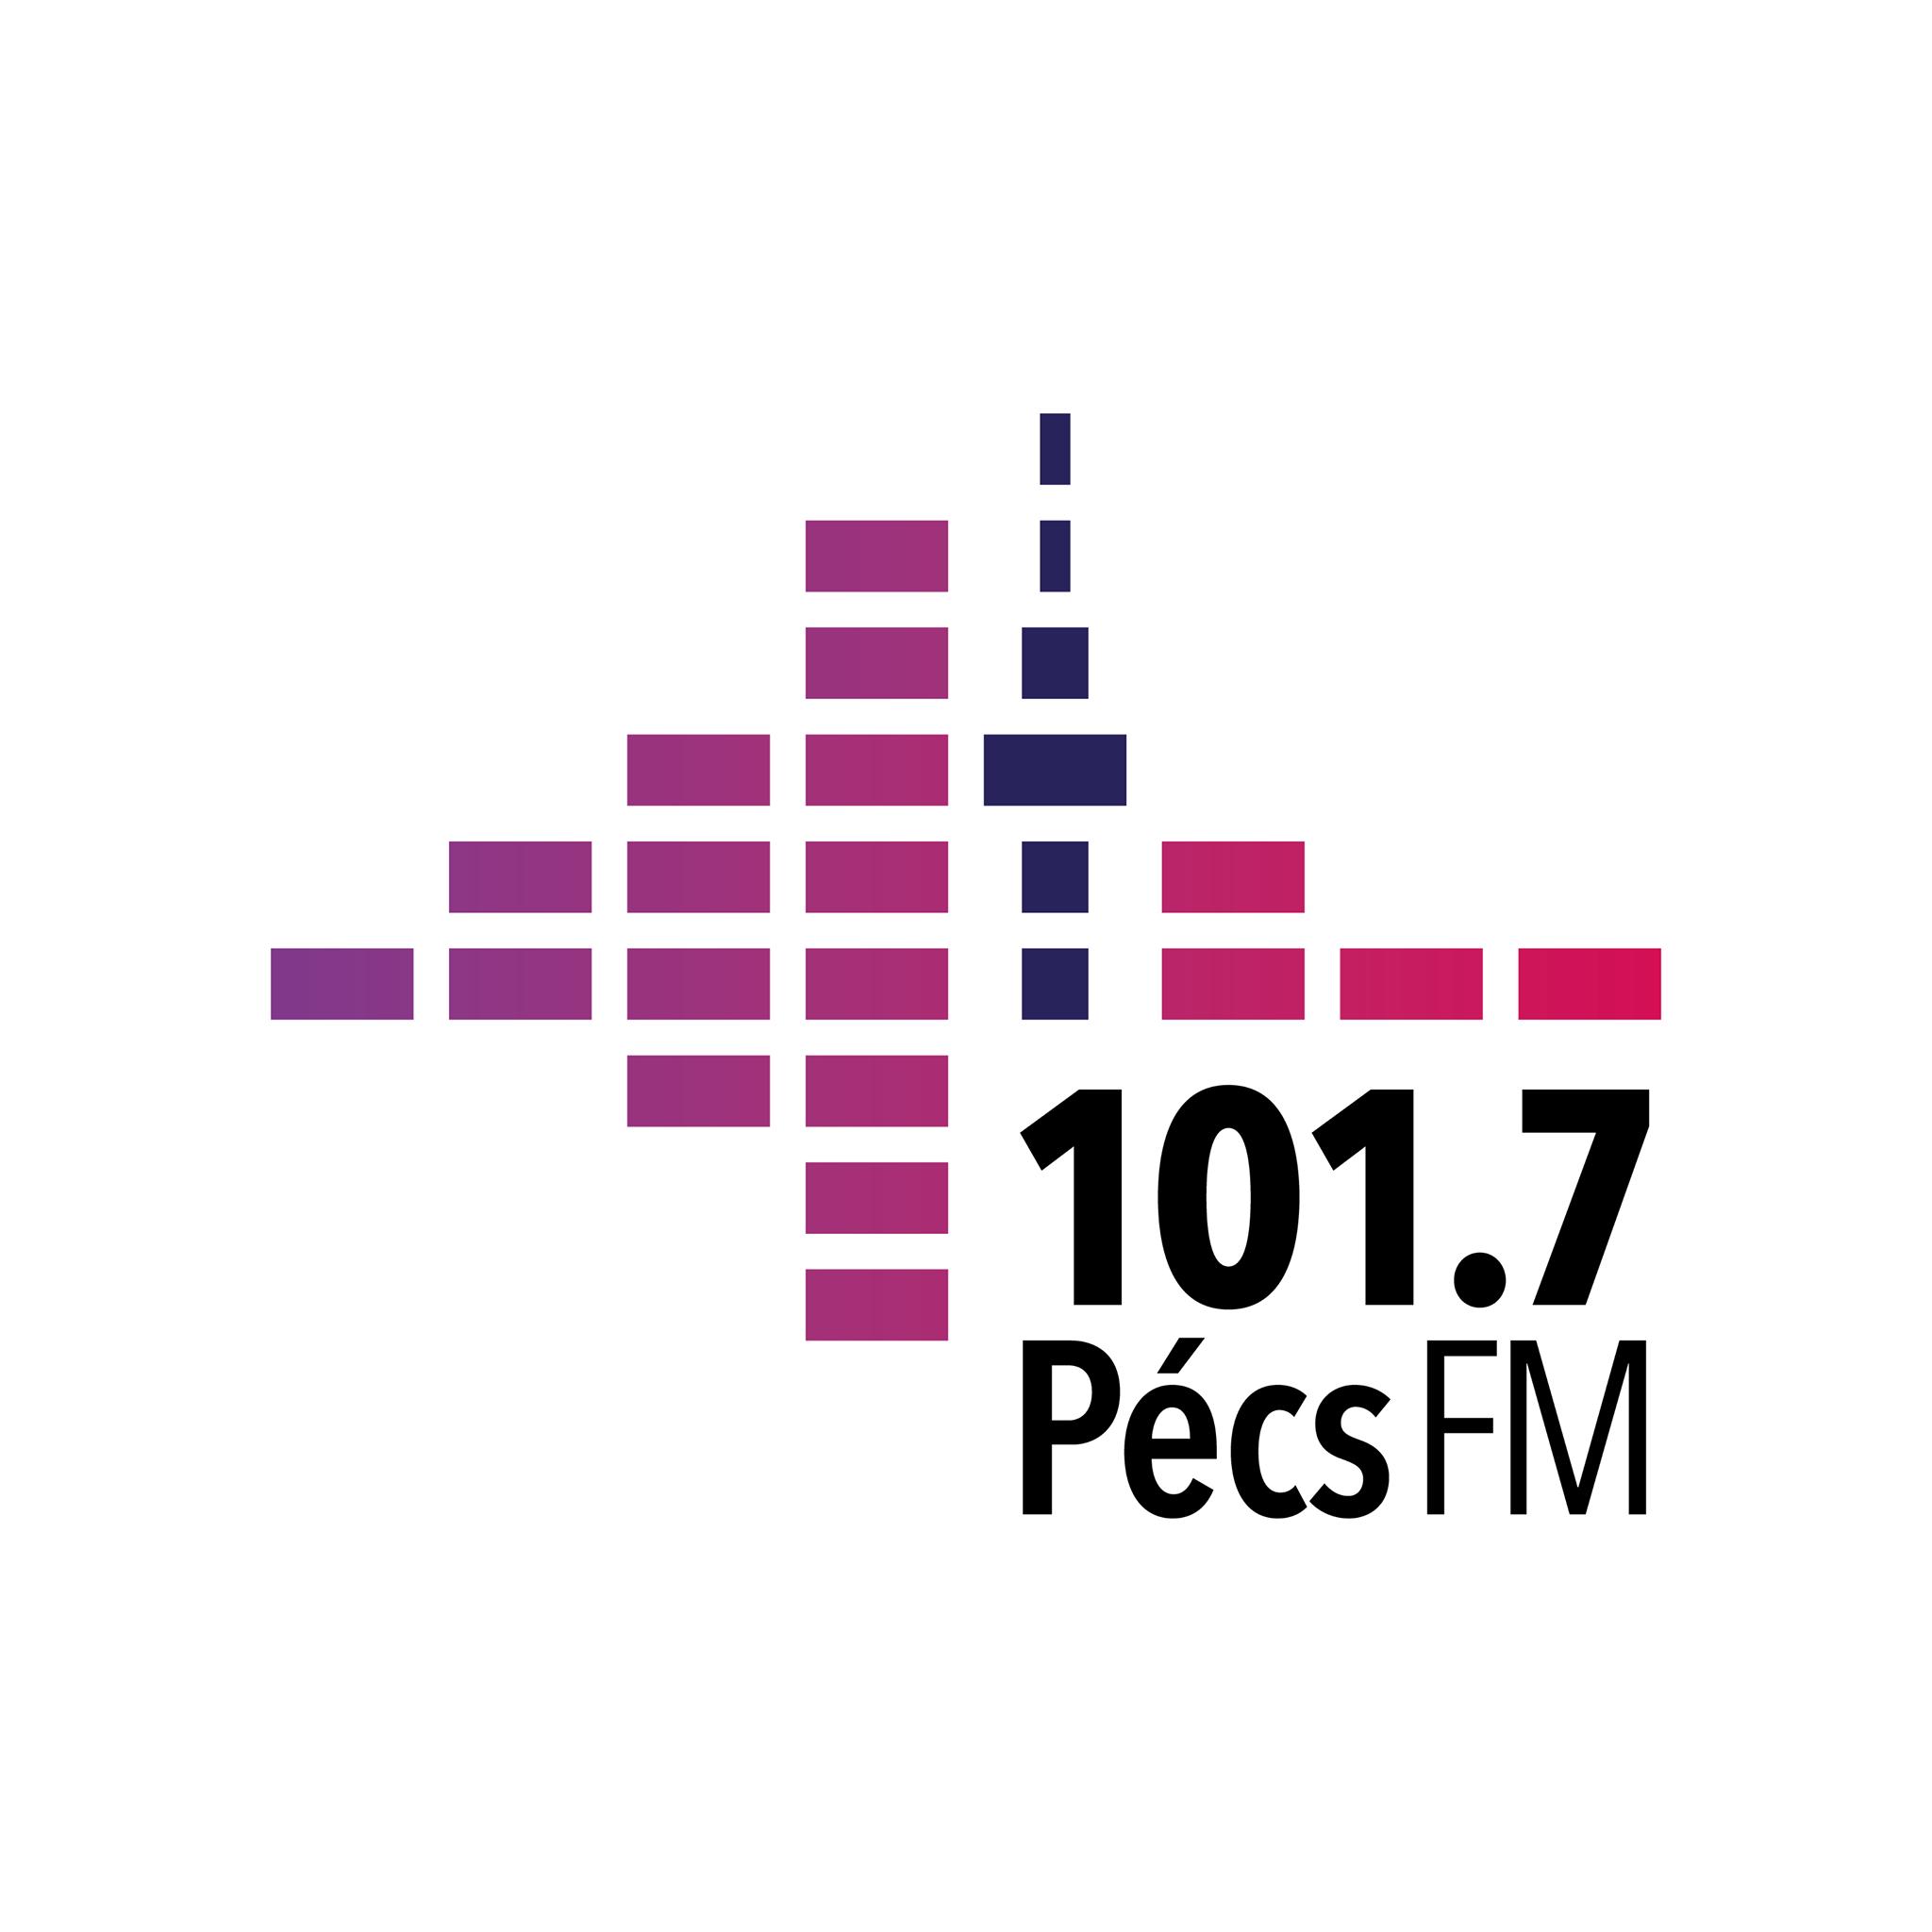 Pécs FM